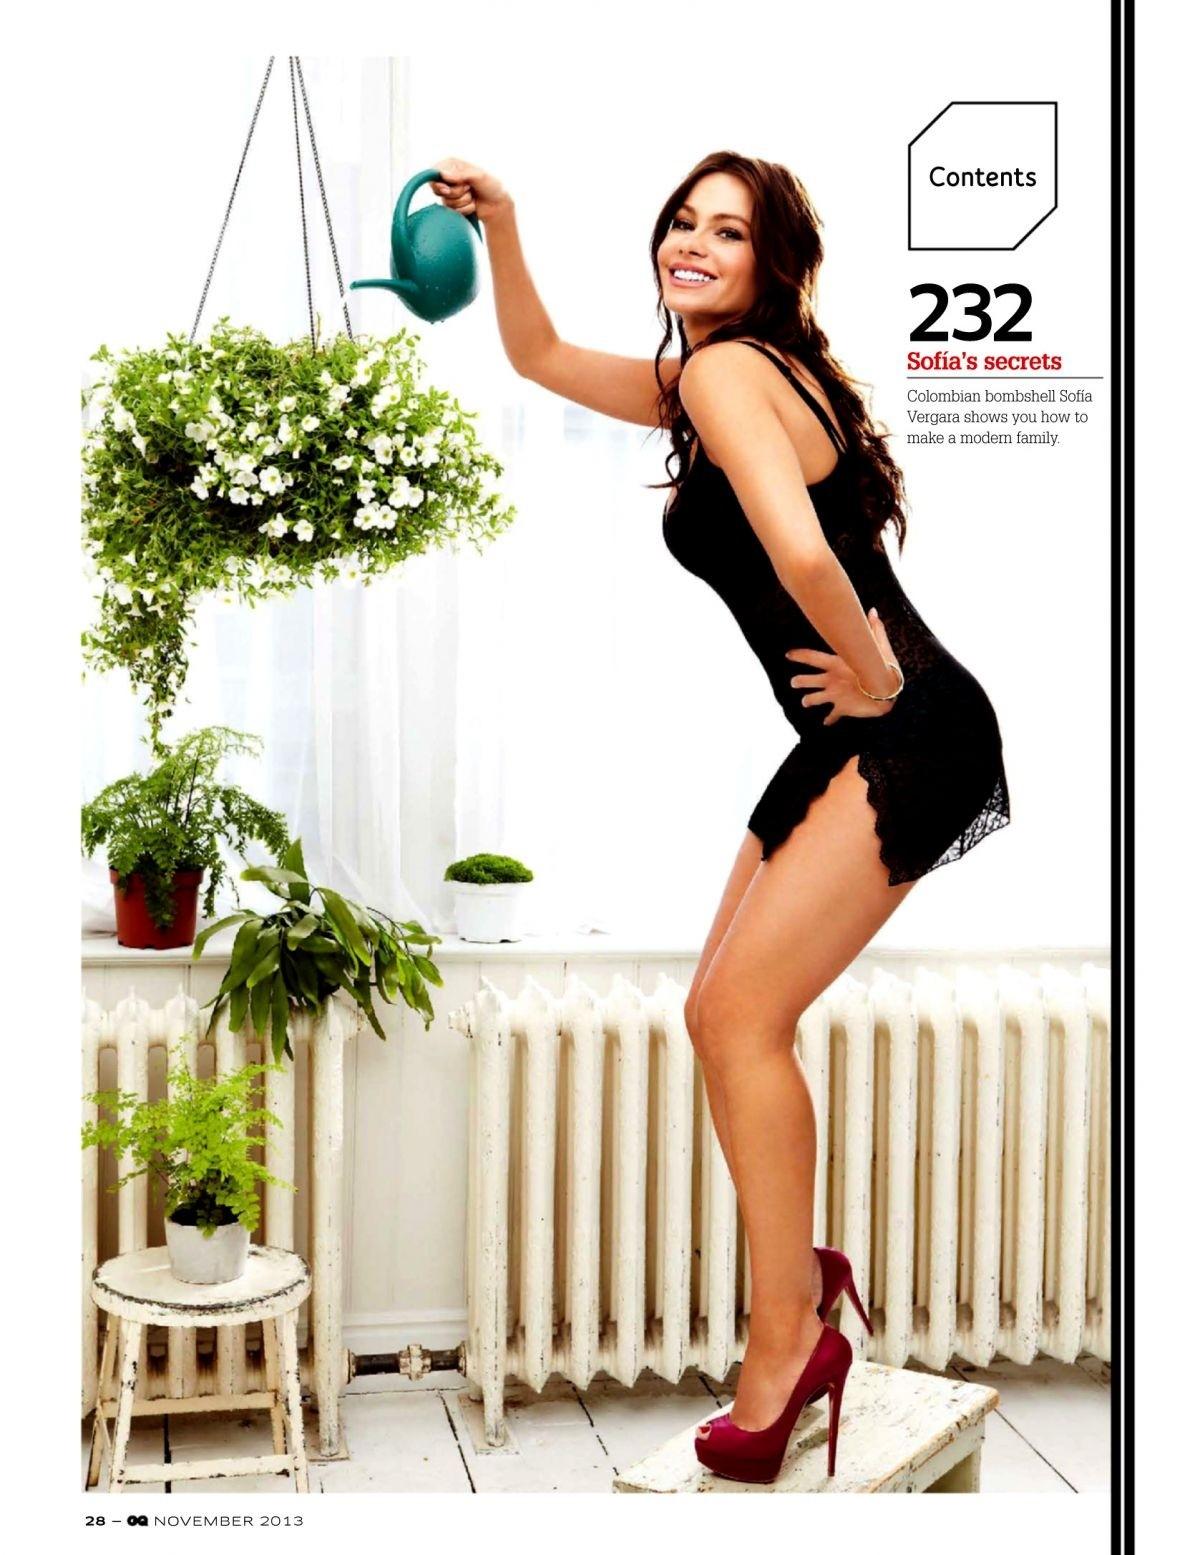 Sexy Sofia Vergara Photos Collection - Sexy Actress Pictures | Hot Actress Pictures - ActressSnaps.com